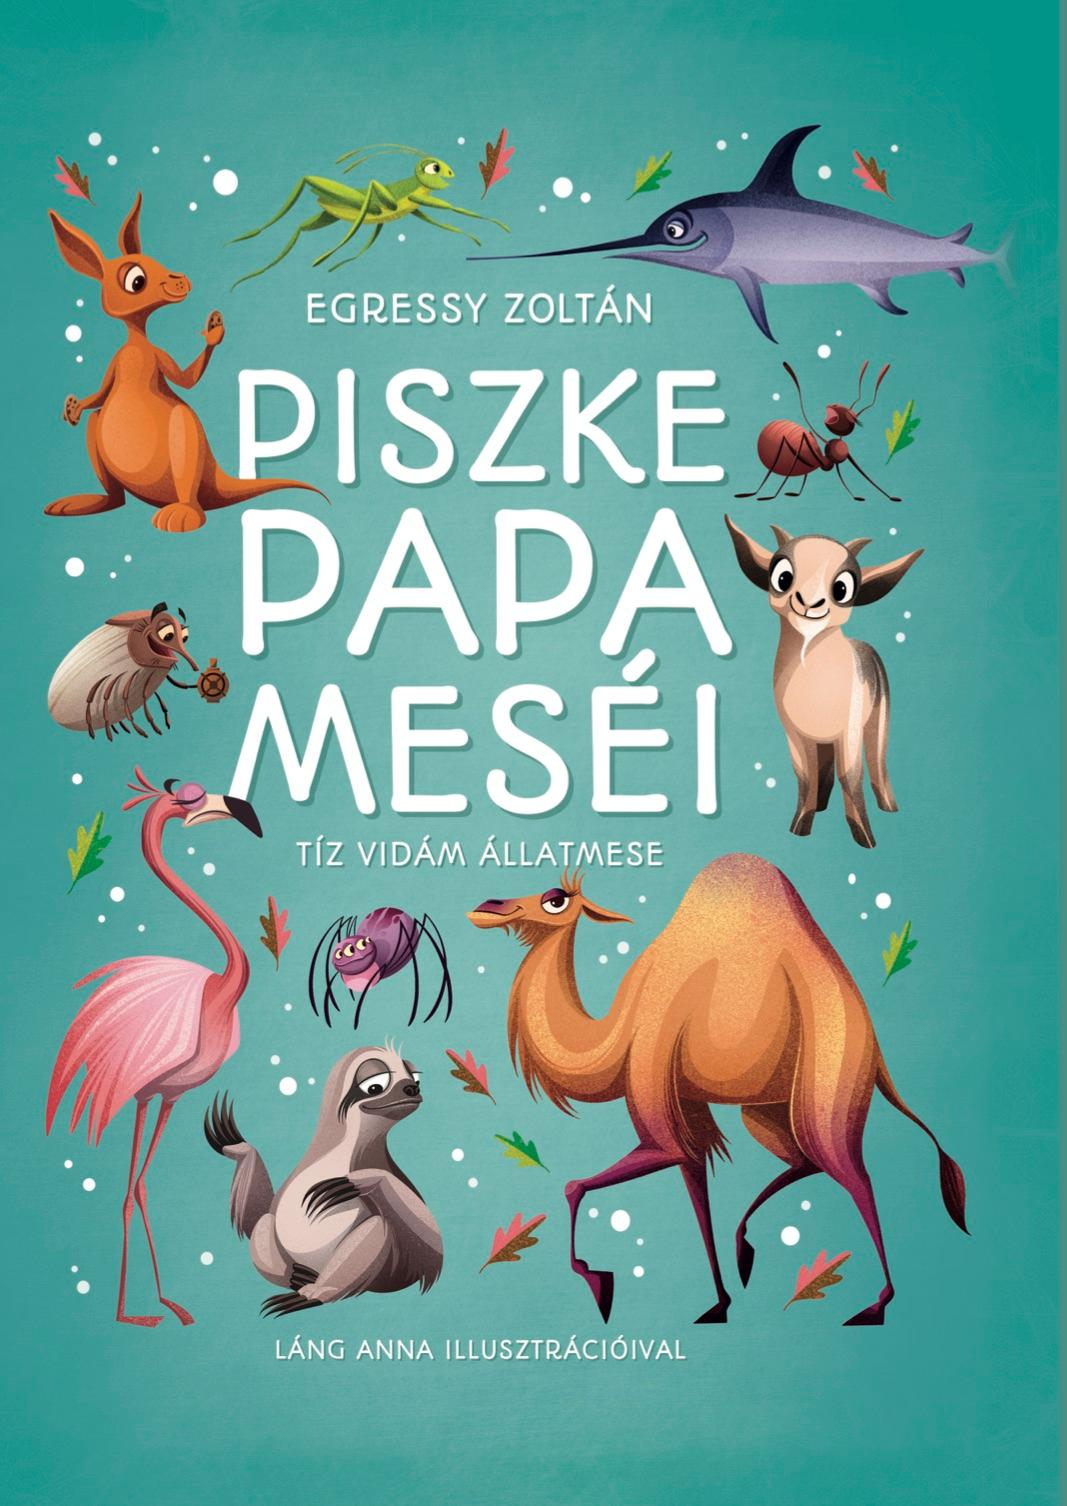 Egressy Zoltán - Piszke papa meséi - Tíz vidám állatmese